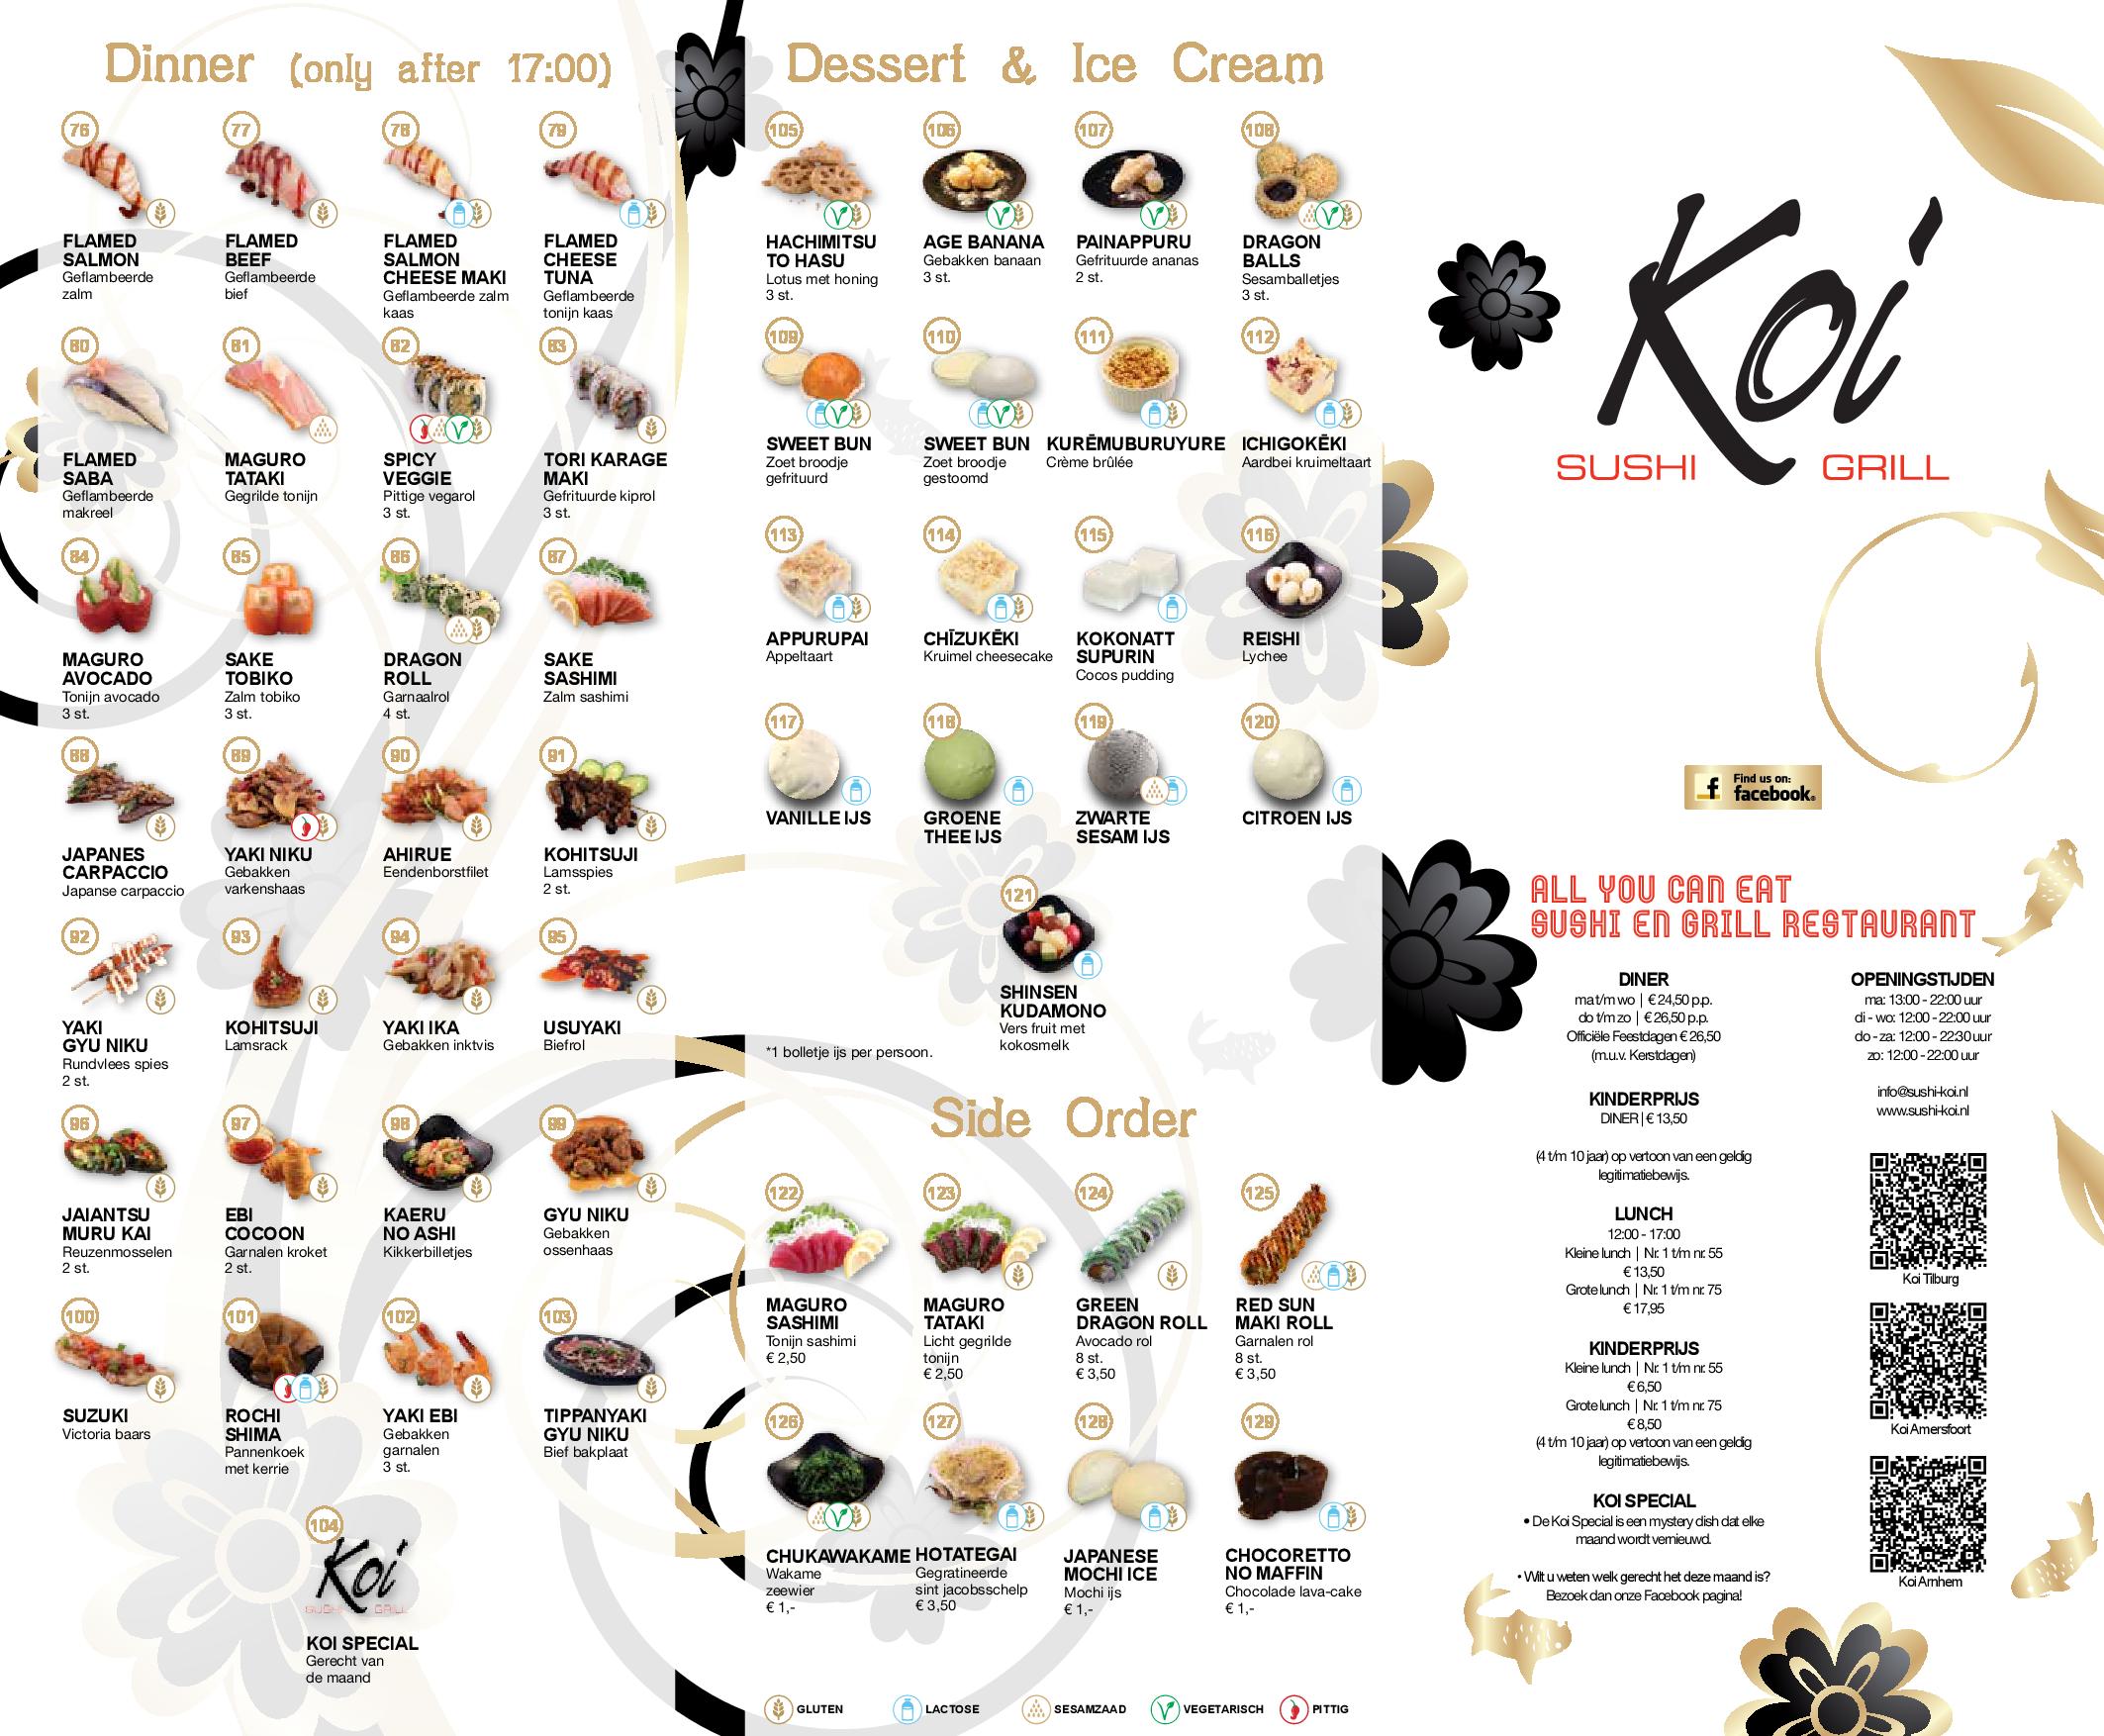 Menukaart 2016 sushi koi arnhem for Koi sushi arnhem